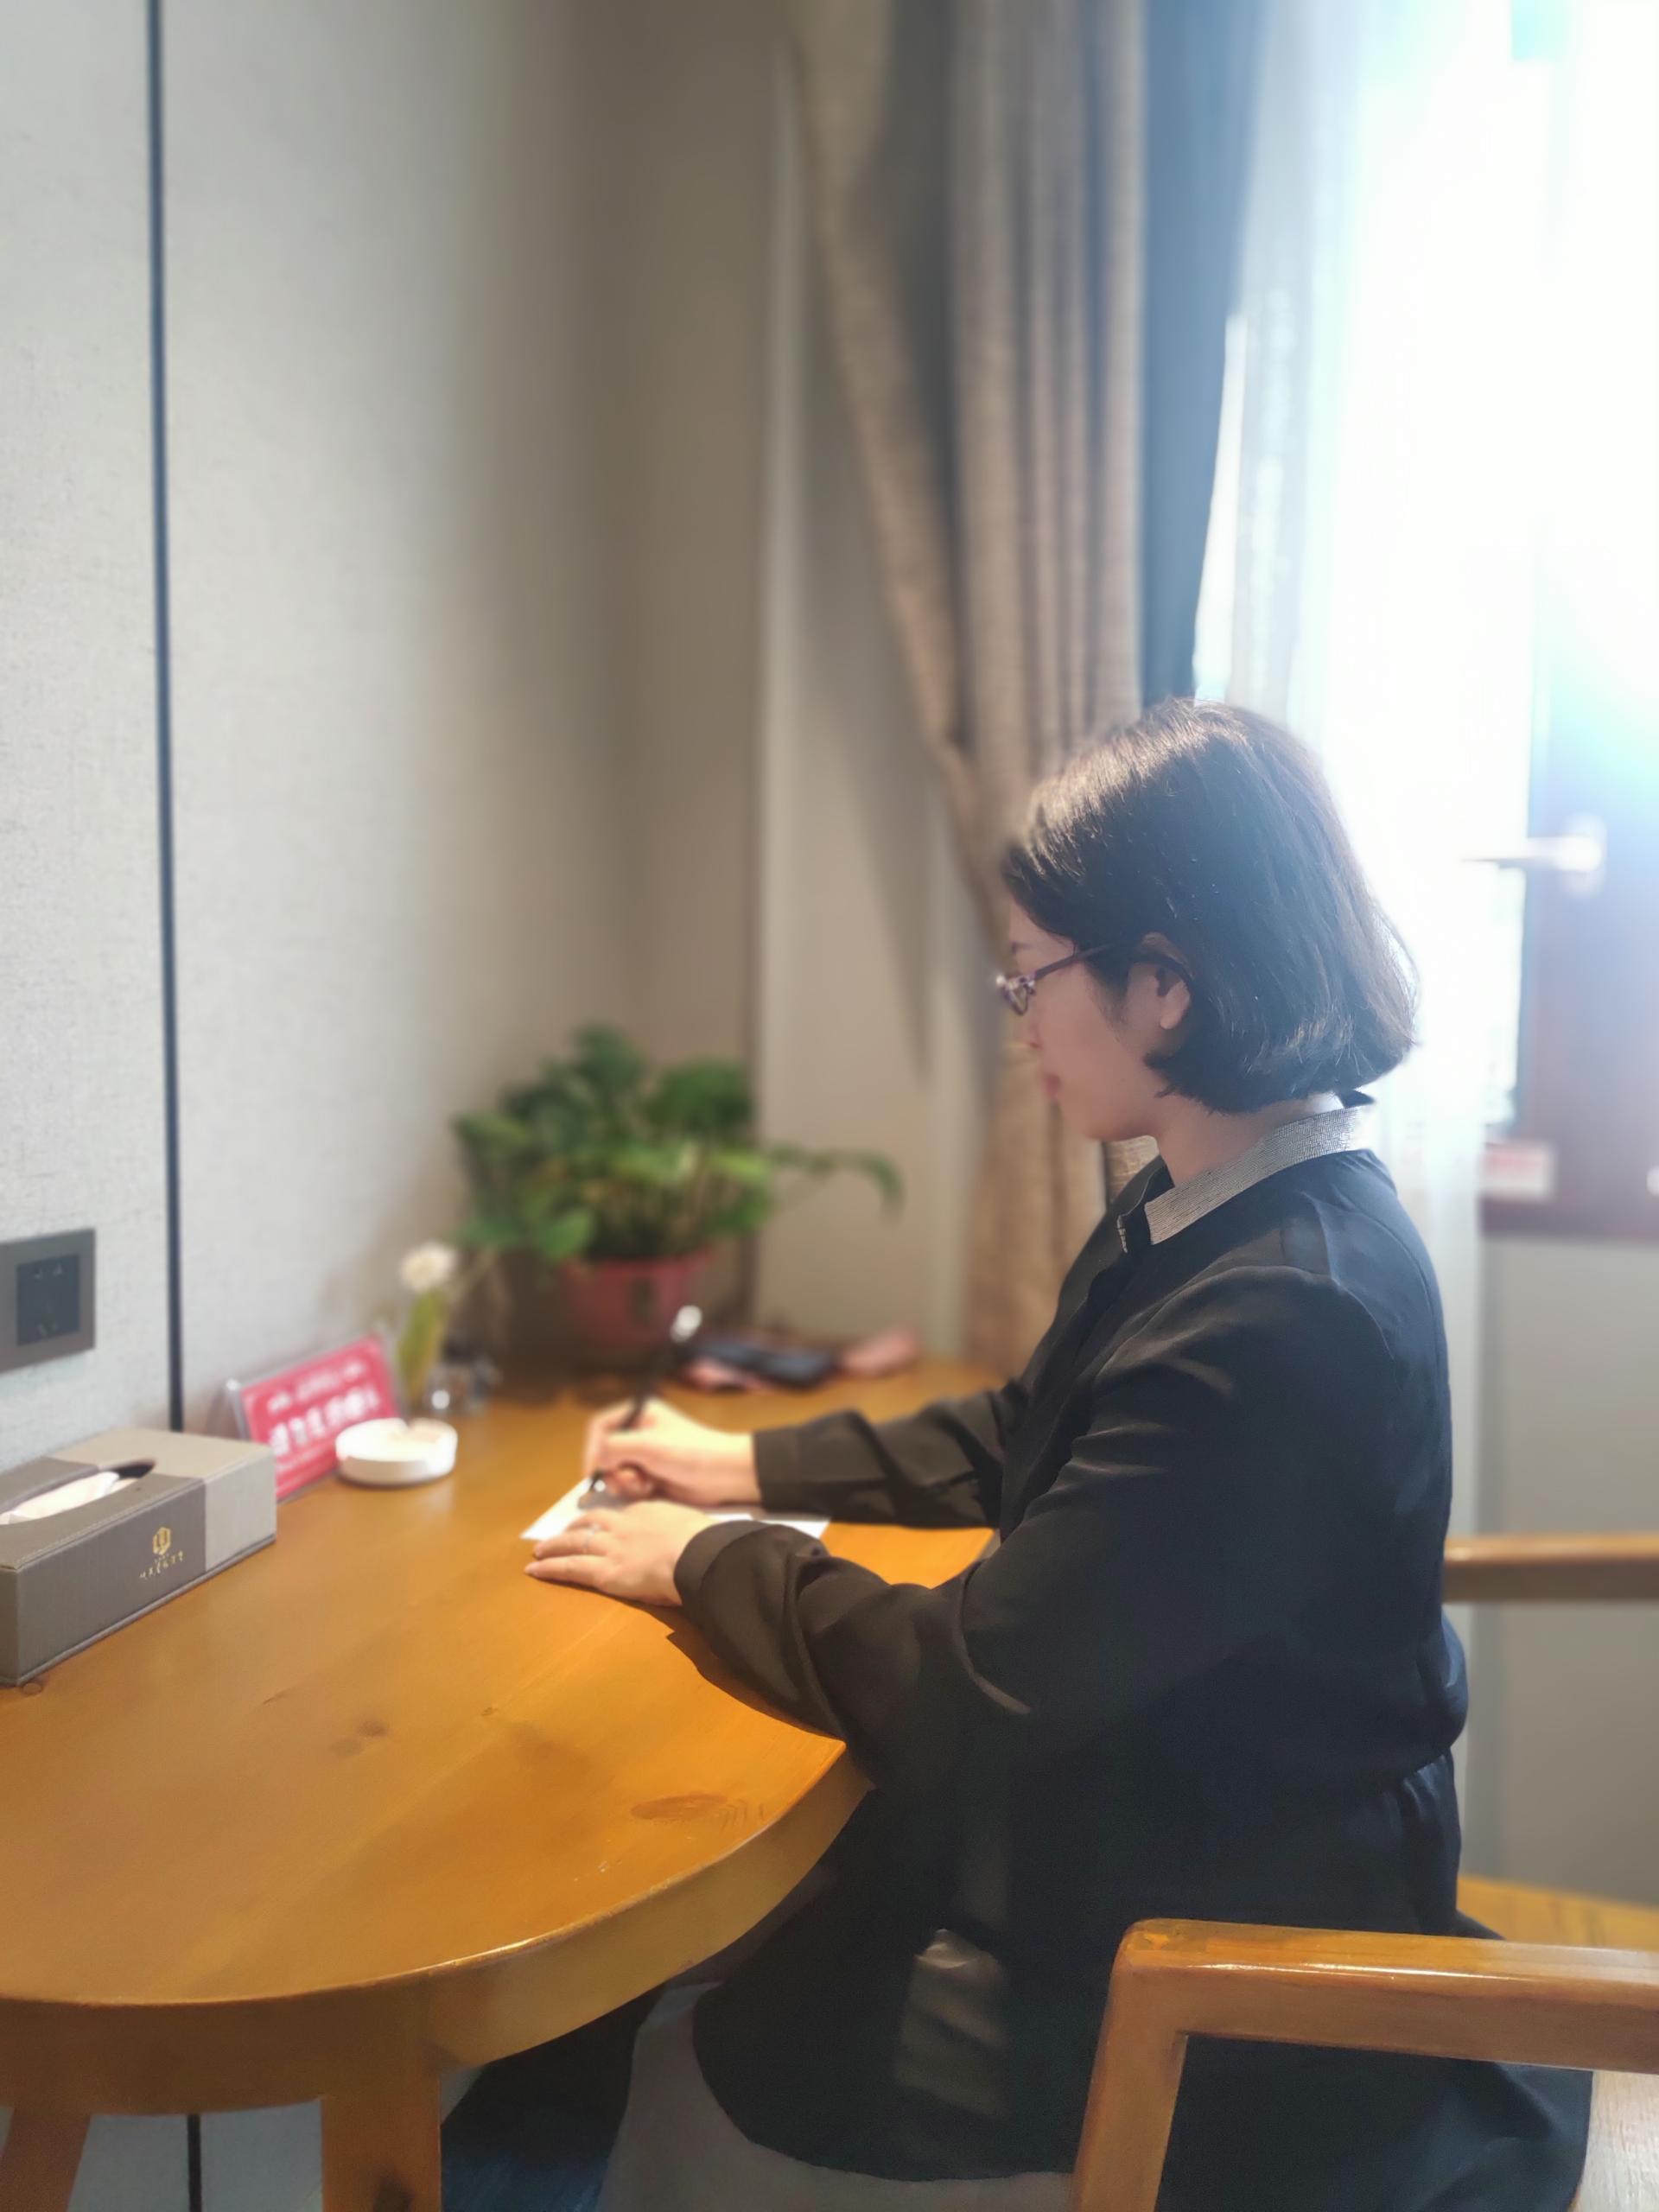 我校人文基础学院陈晓红老师的诗词作品刊登于羊城晚报(图文)